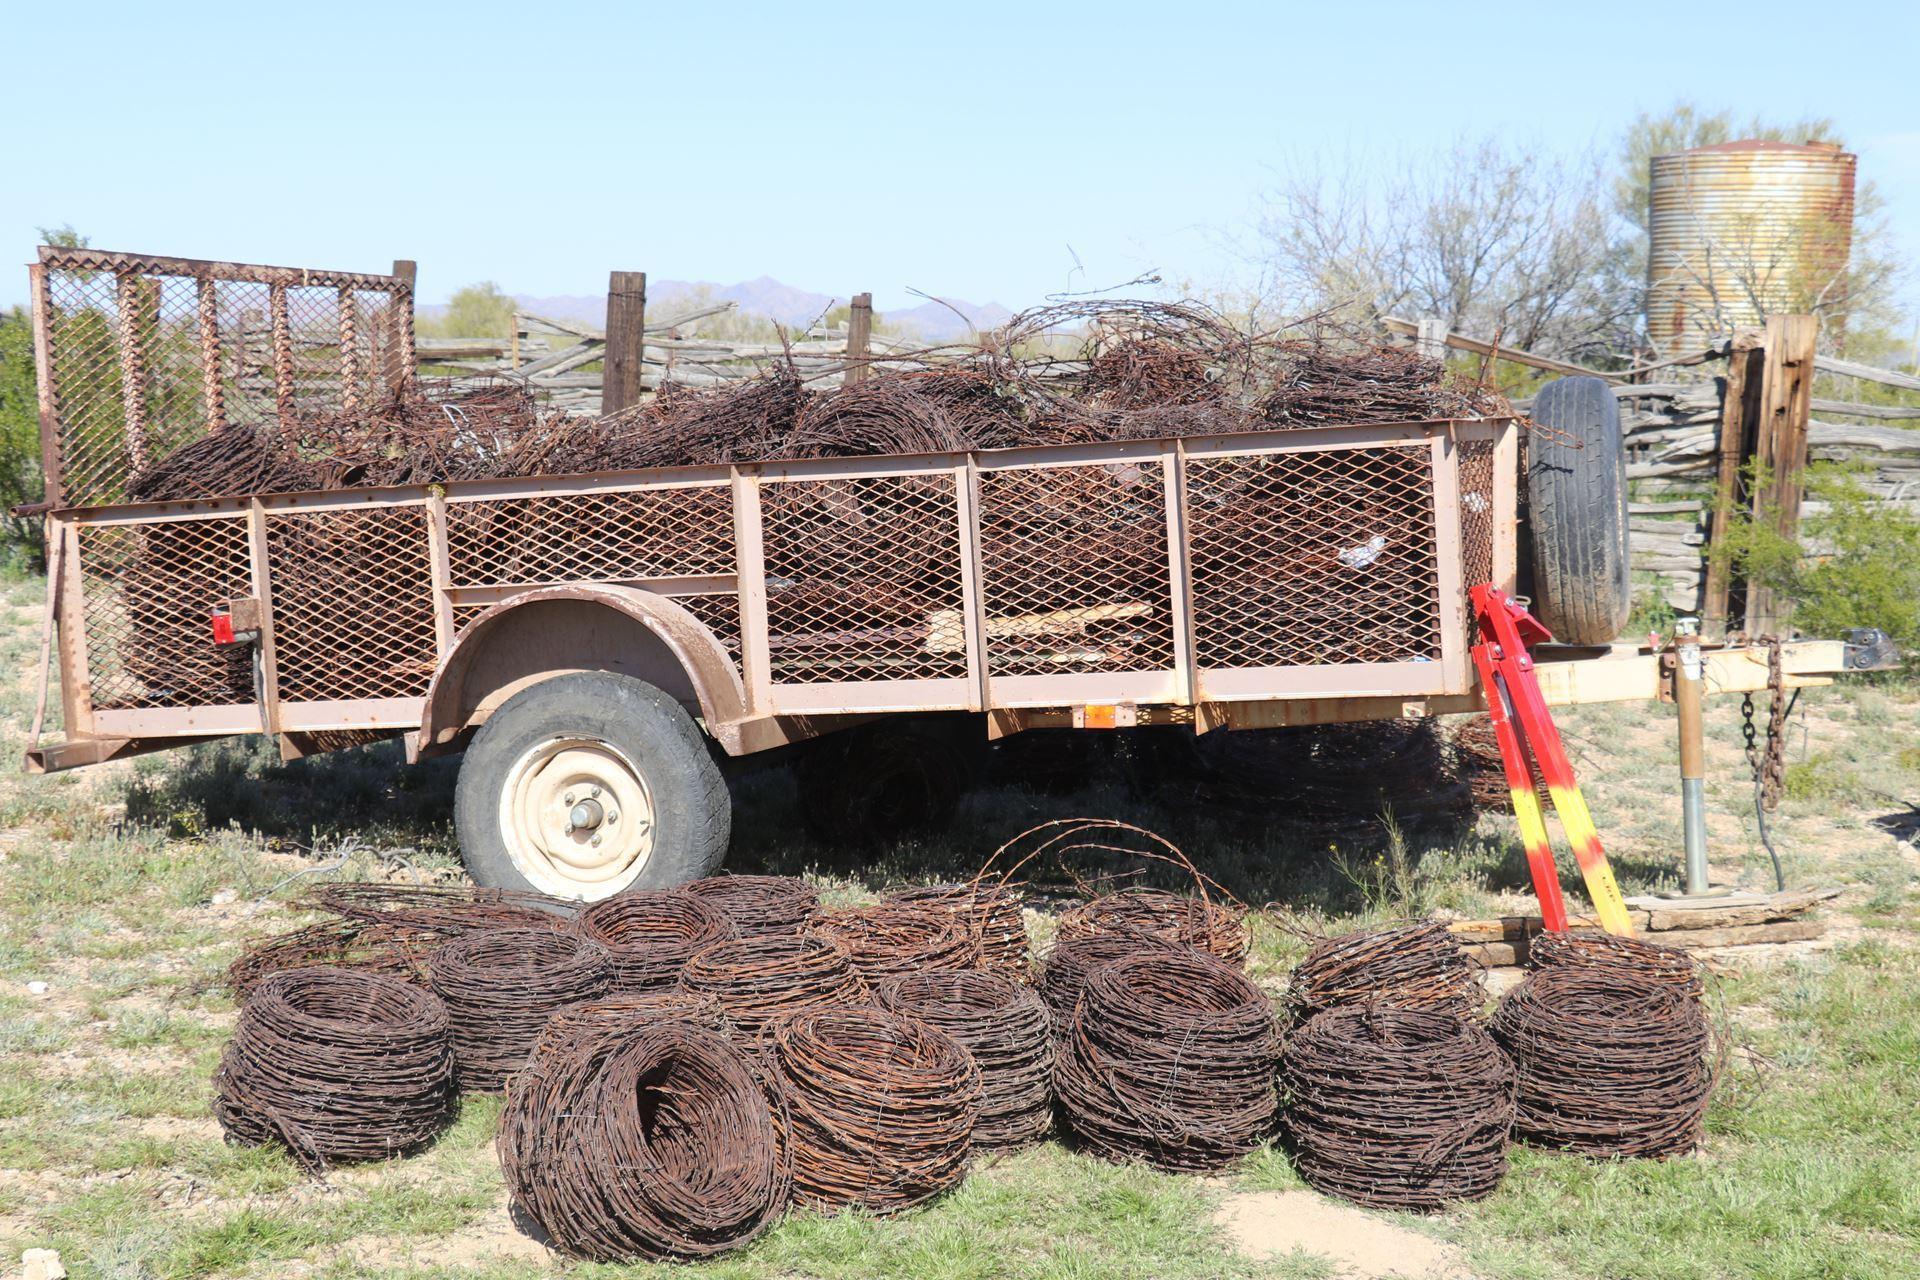 Arizona Antelope Foundation - Vekol Valley-Bureau of Land Management